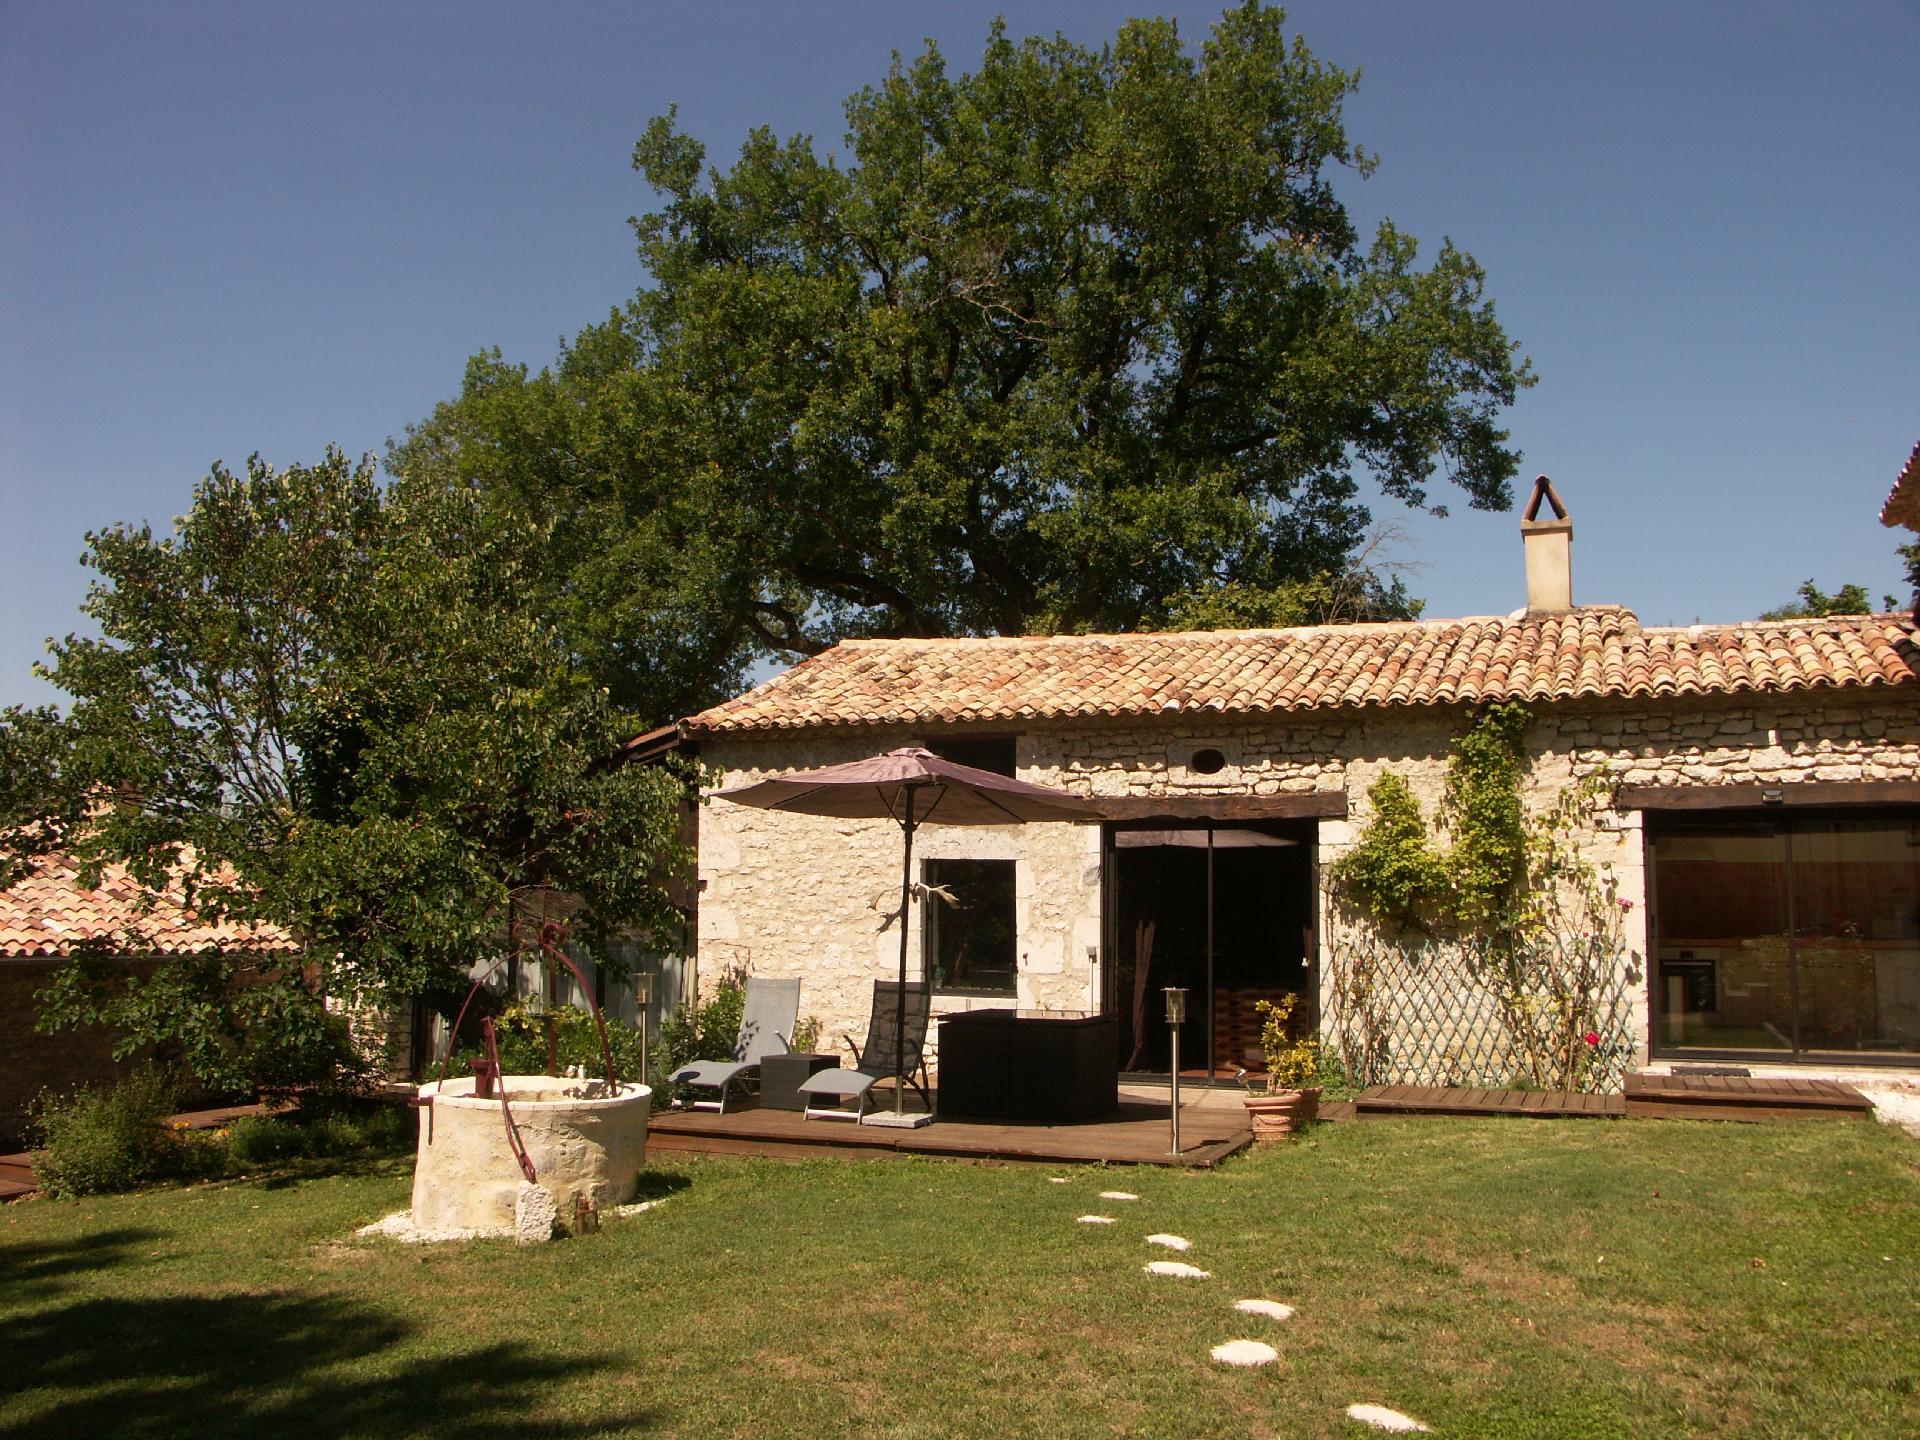 Ferienwohnung für 2 Personen ca. 75 m² i  in Frankreich